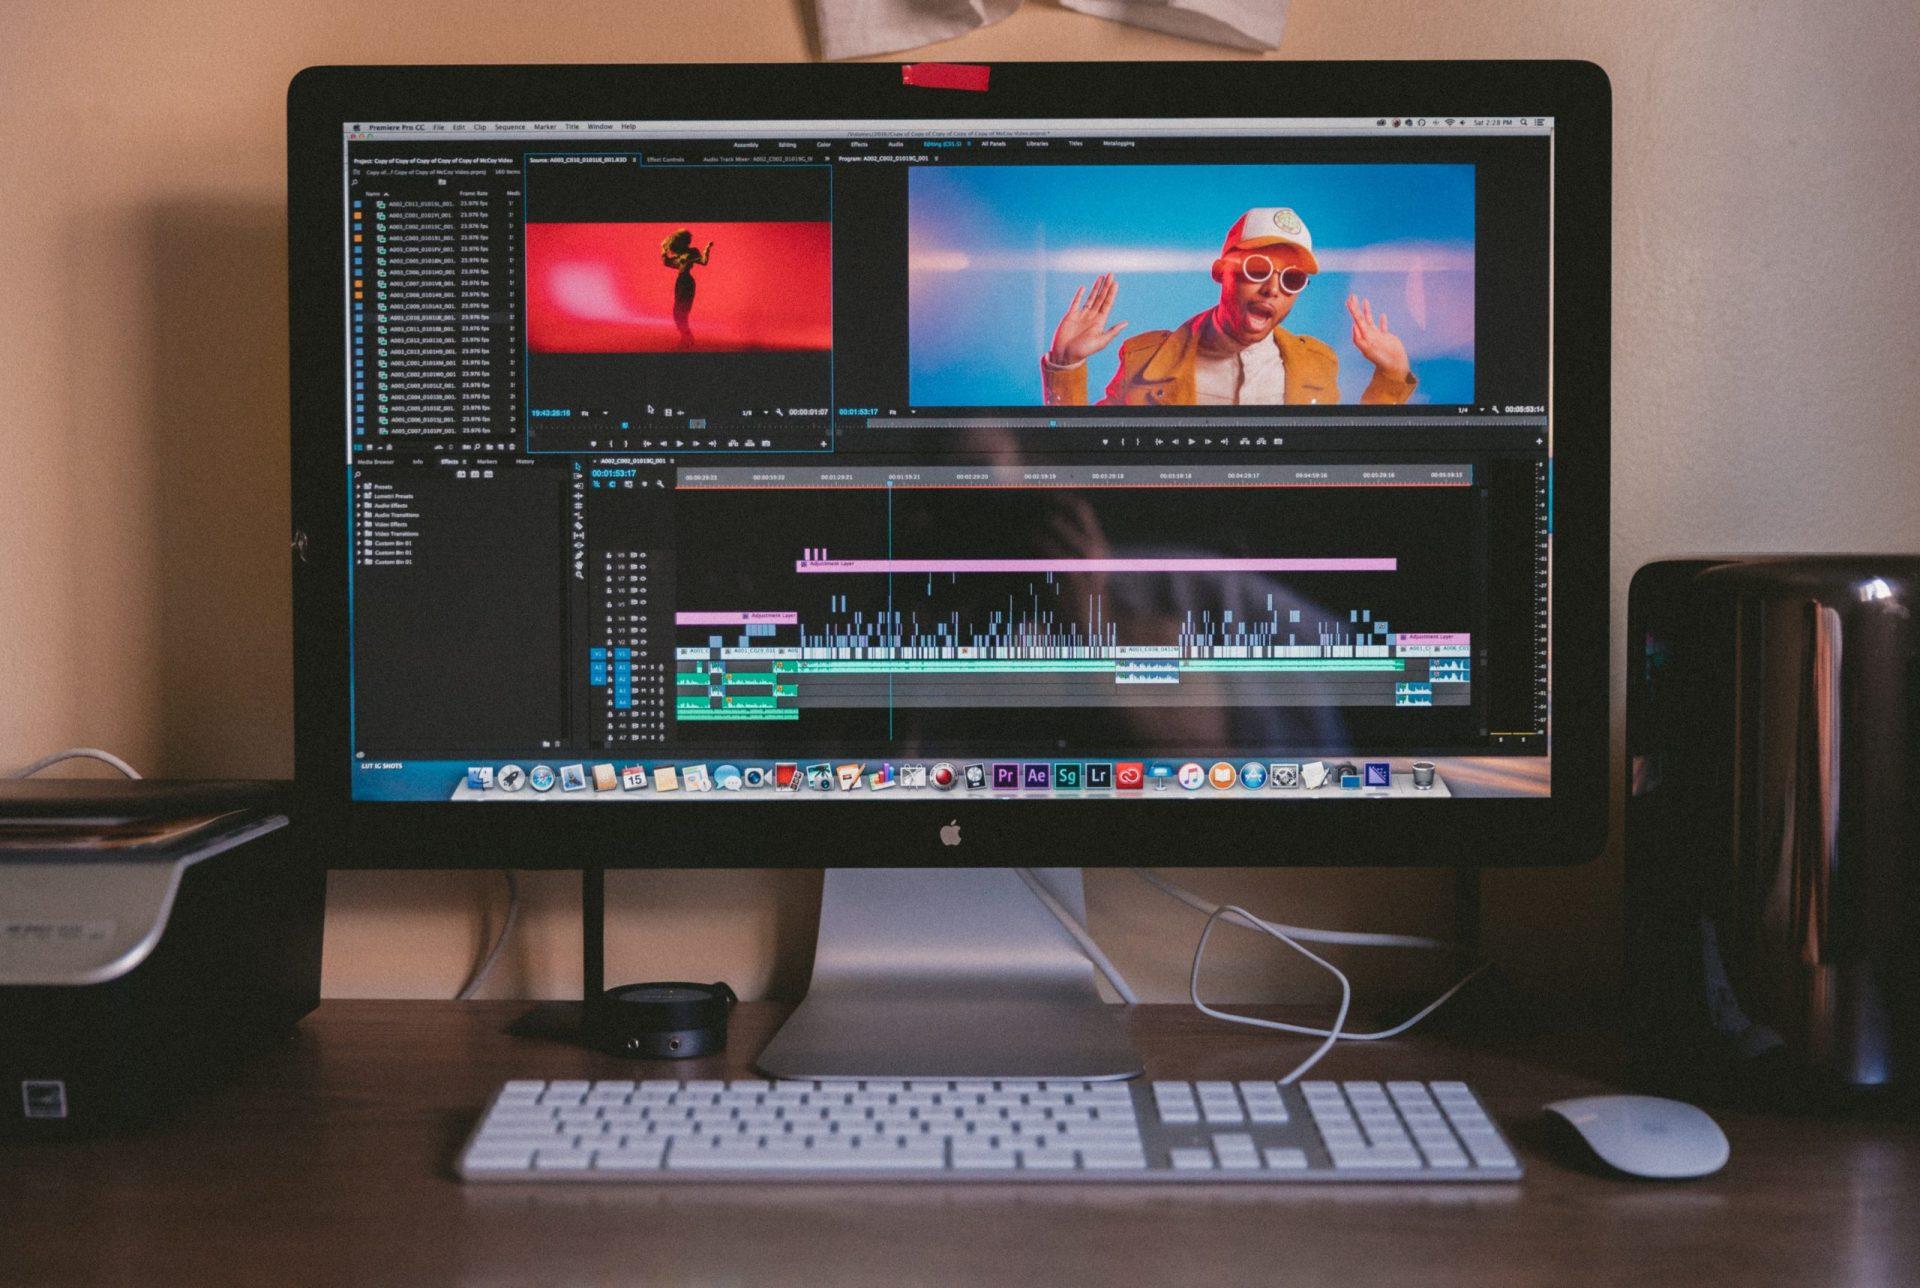 Adobe Premiere Proの使用イメージ